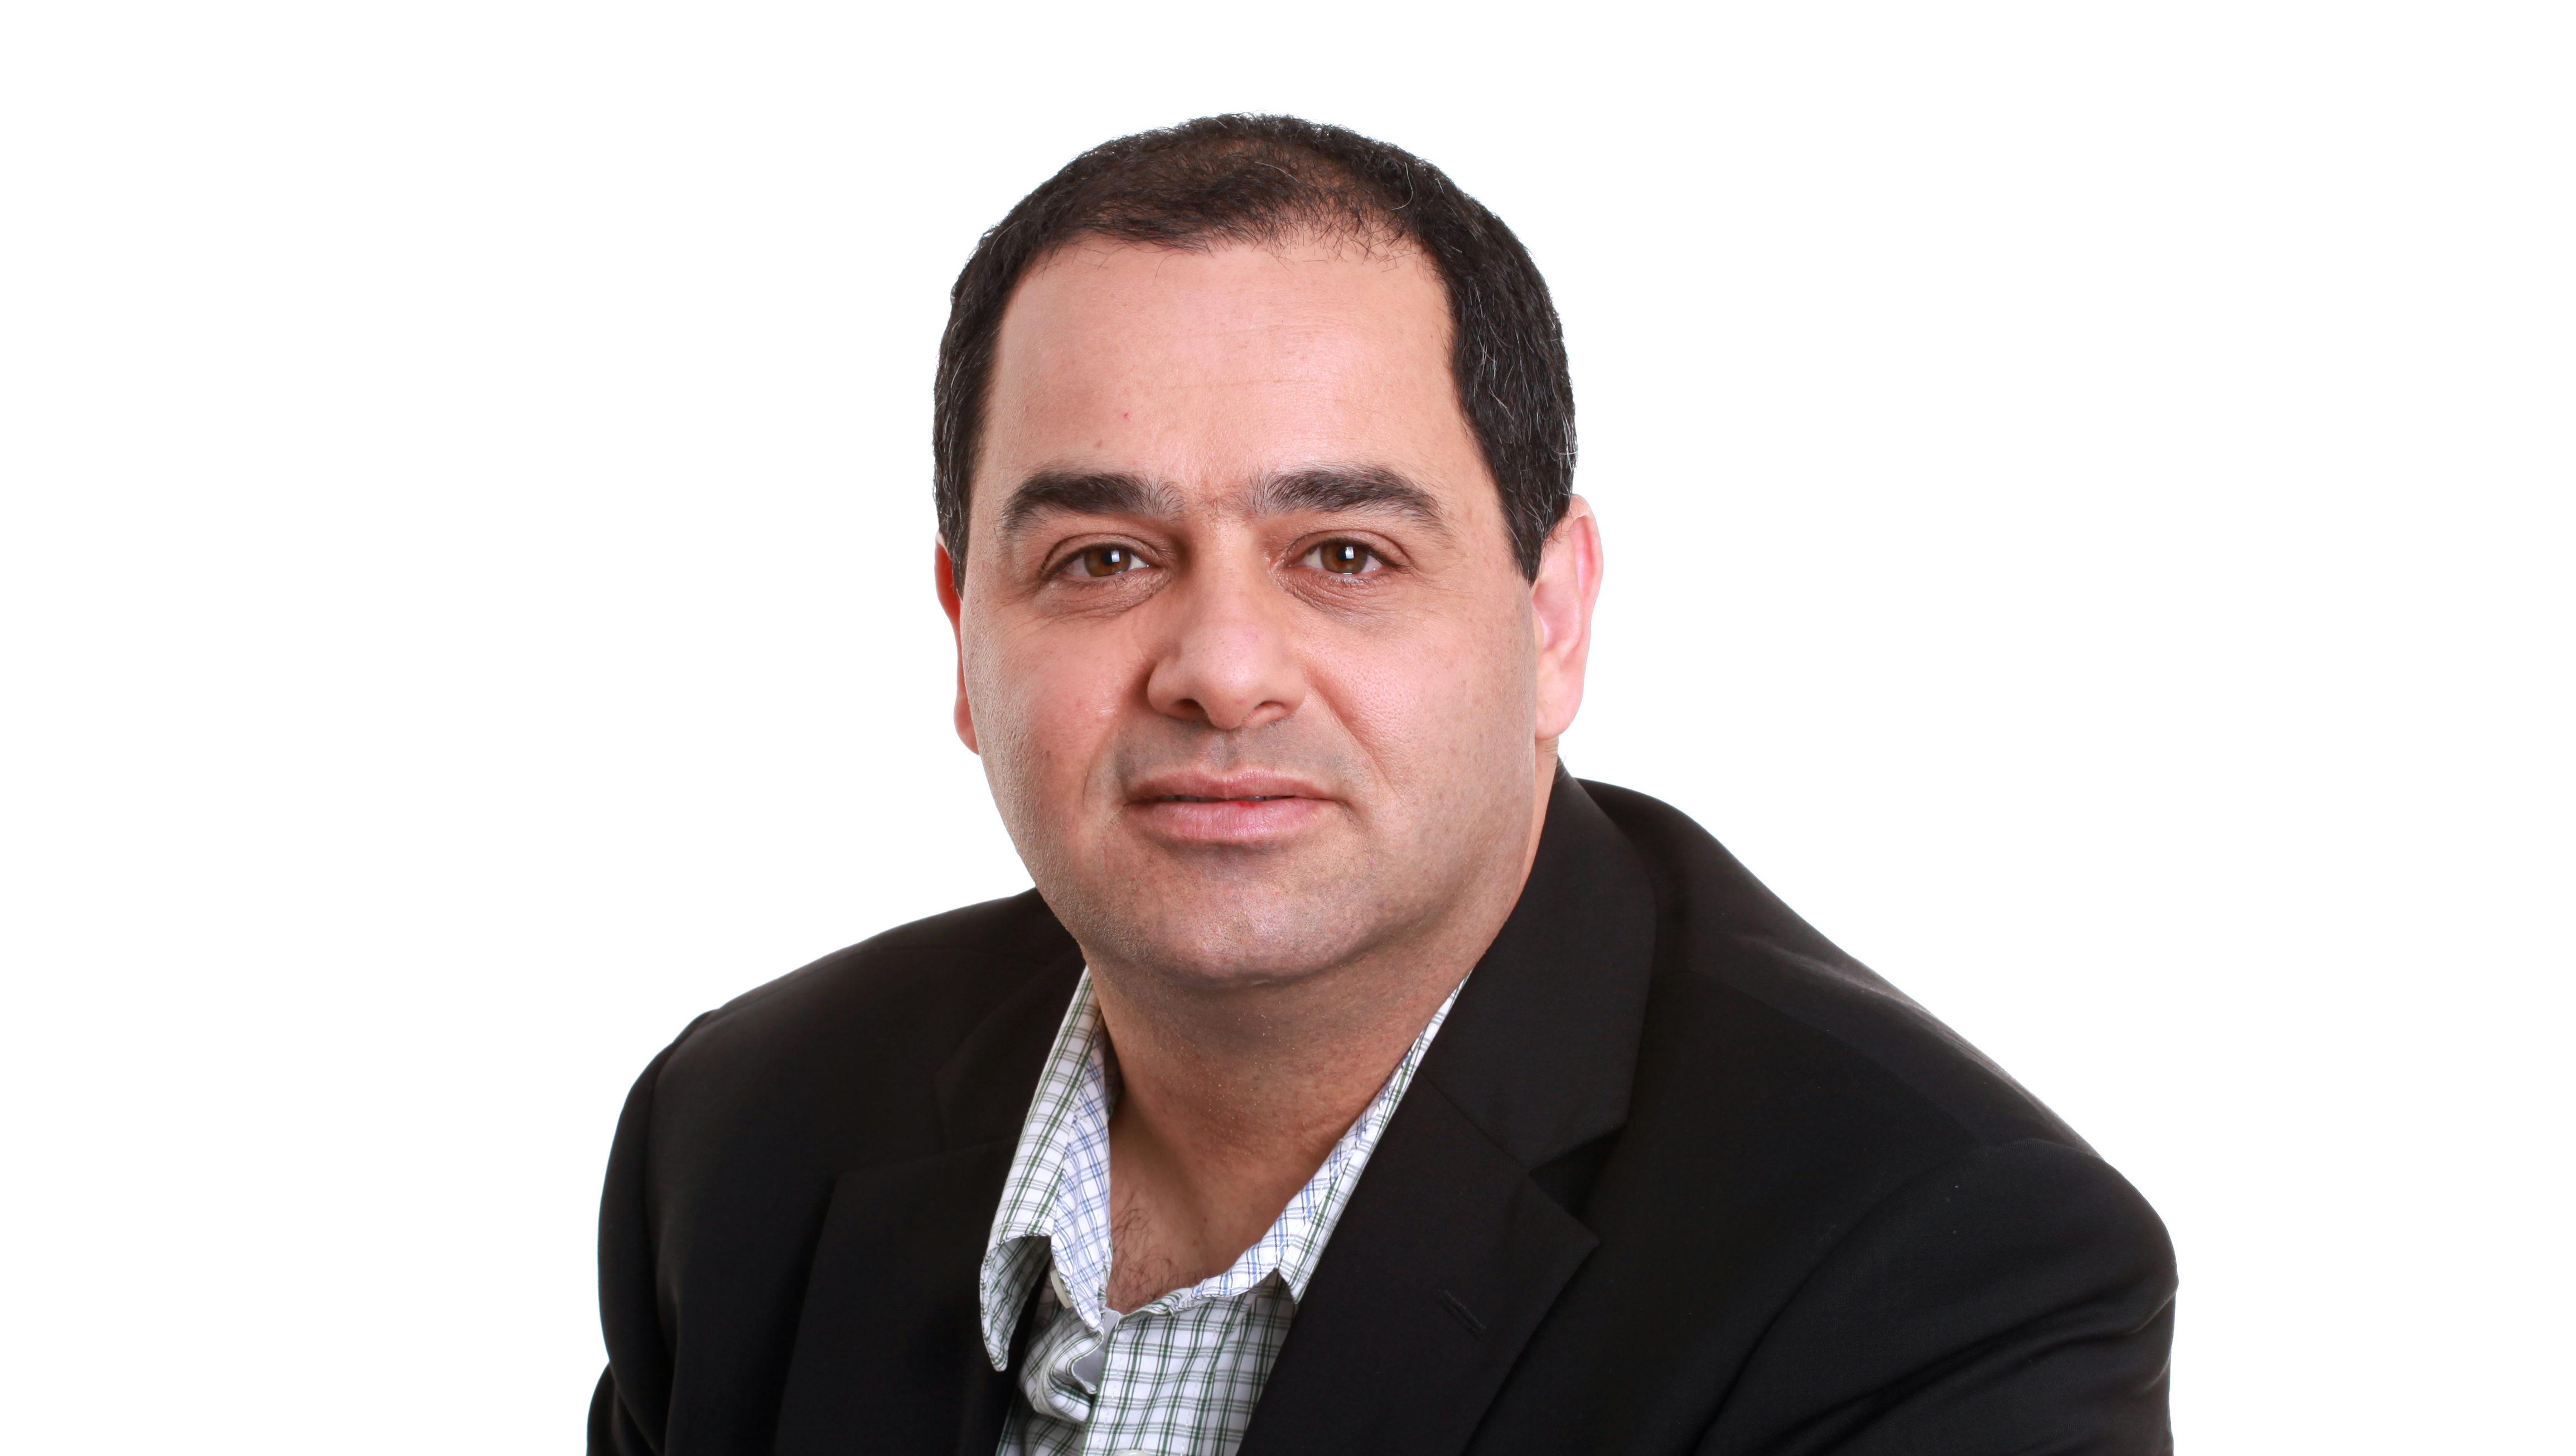 """שיחת פוליסה עם דניאל כהן, משנה למנכ""""ל הפניקס ומנהל החטיבה לחיסכון ארוך טווח: הרפורמה בריסקים תחזק את ההסטה של השוק לעבר קרנות הפנסיה"""